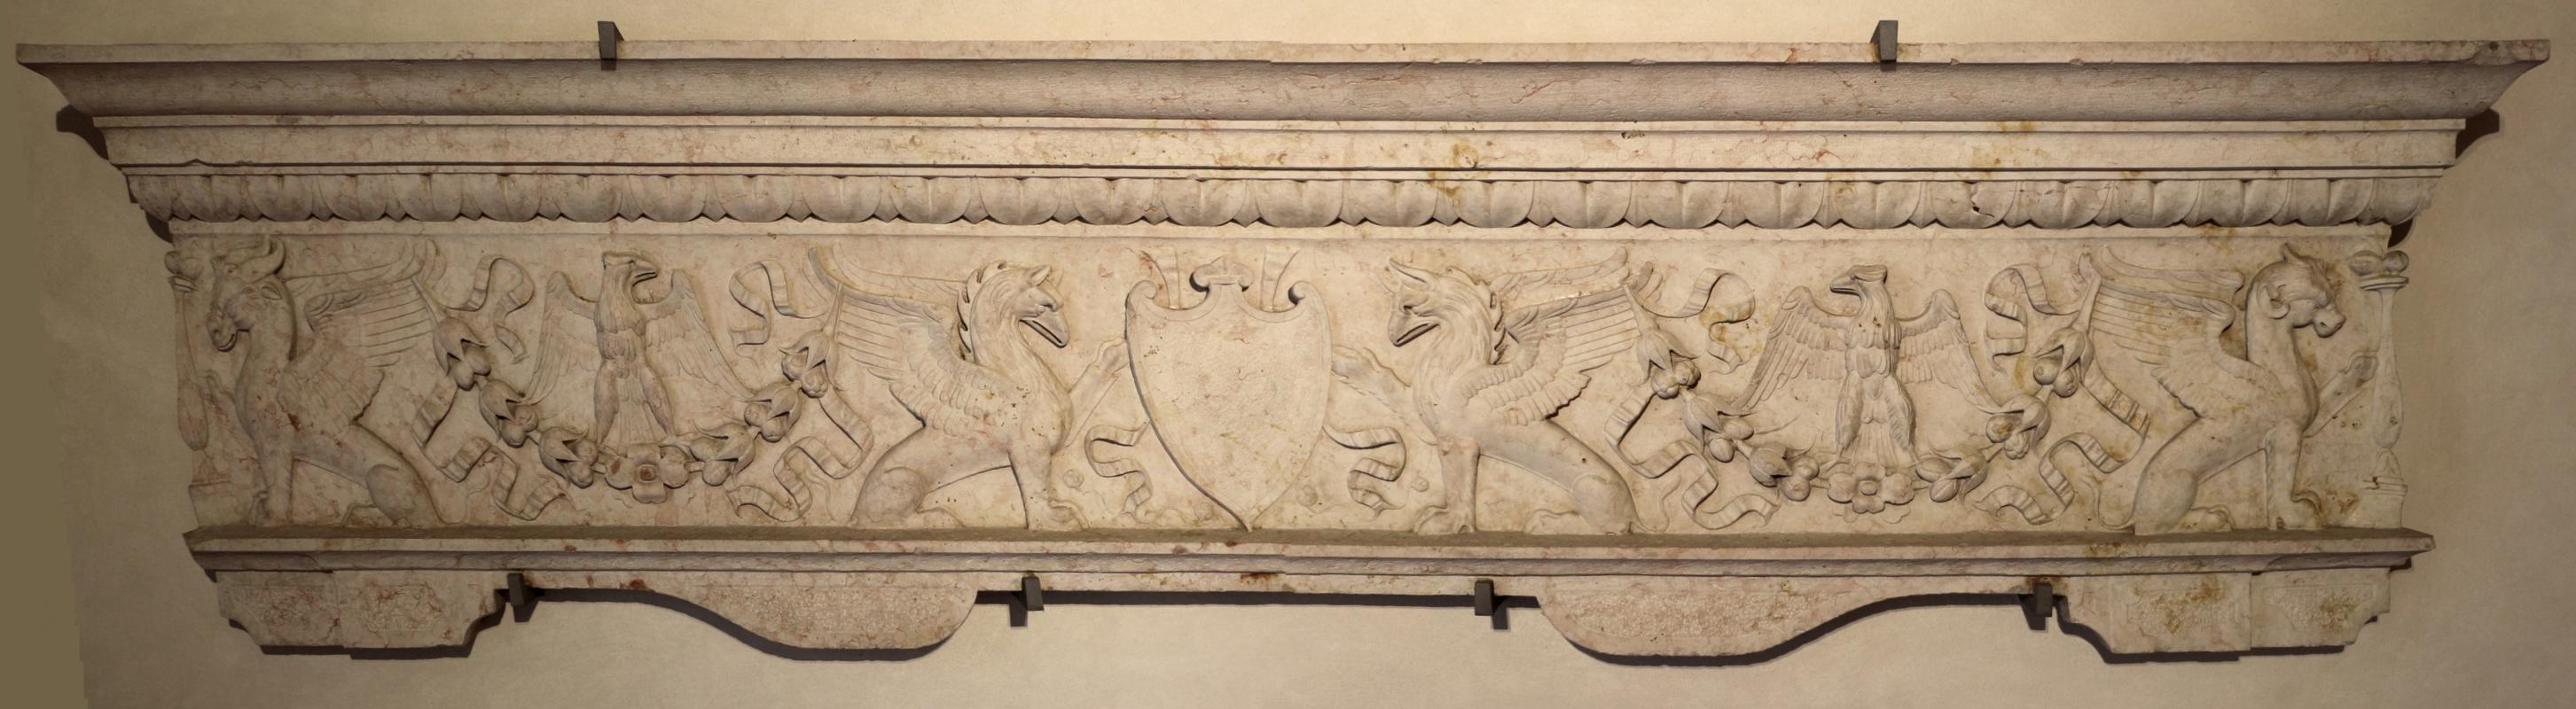 Frontale di camino con stemma abraso, ferrara, 1480-1510 ca - Sailko - Ferrara (FE)